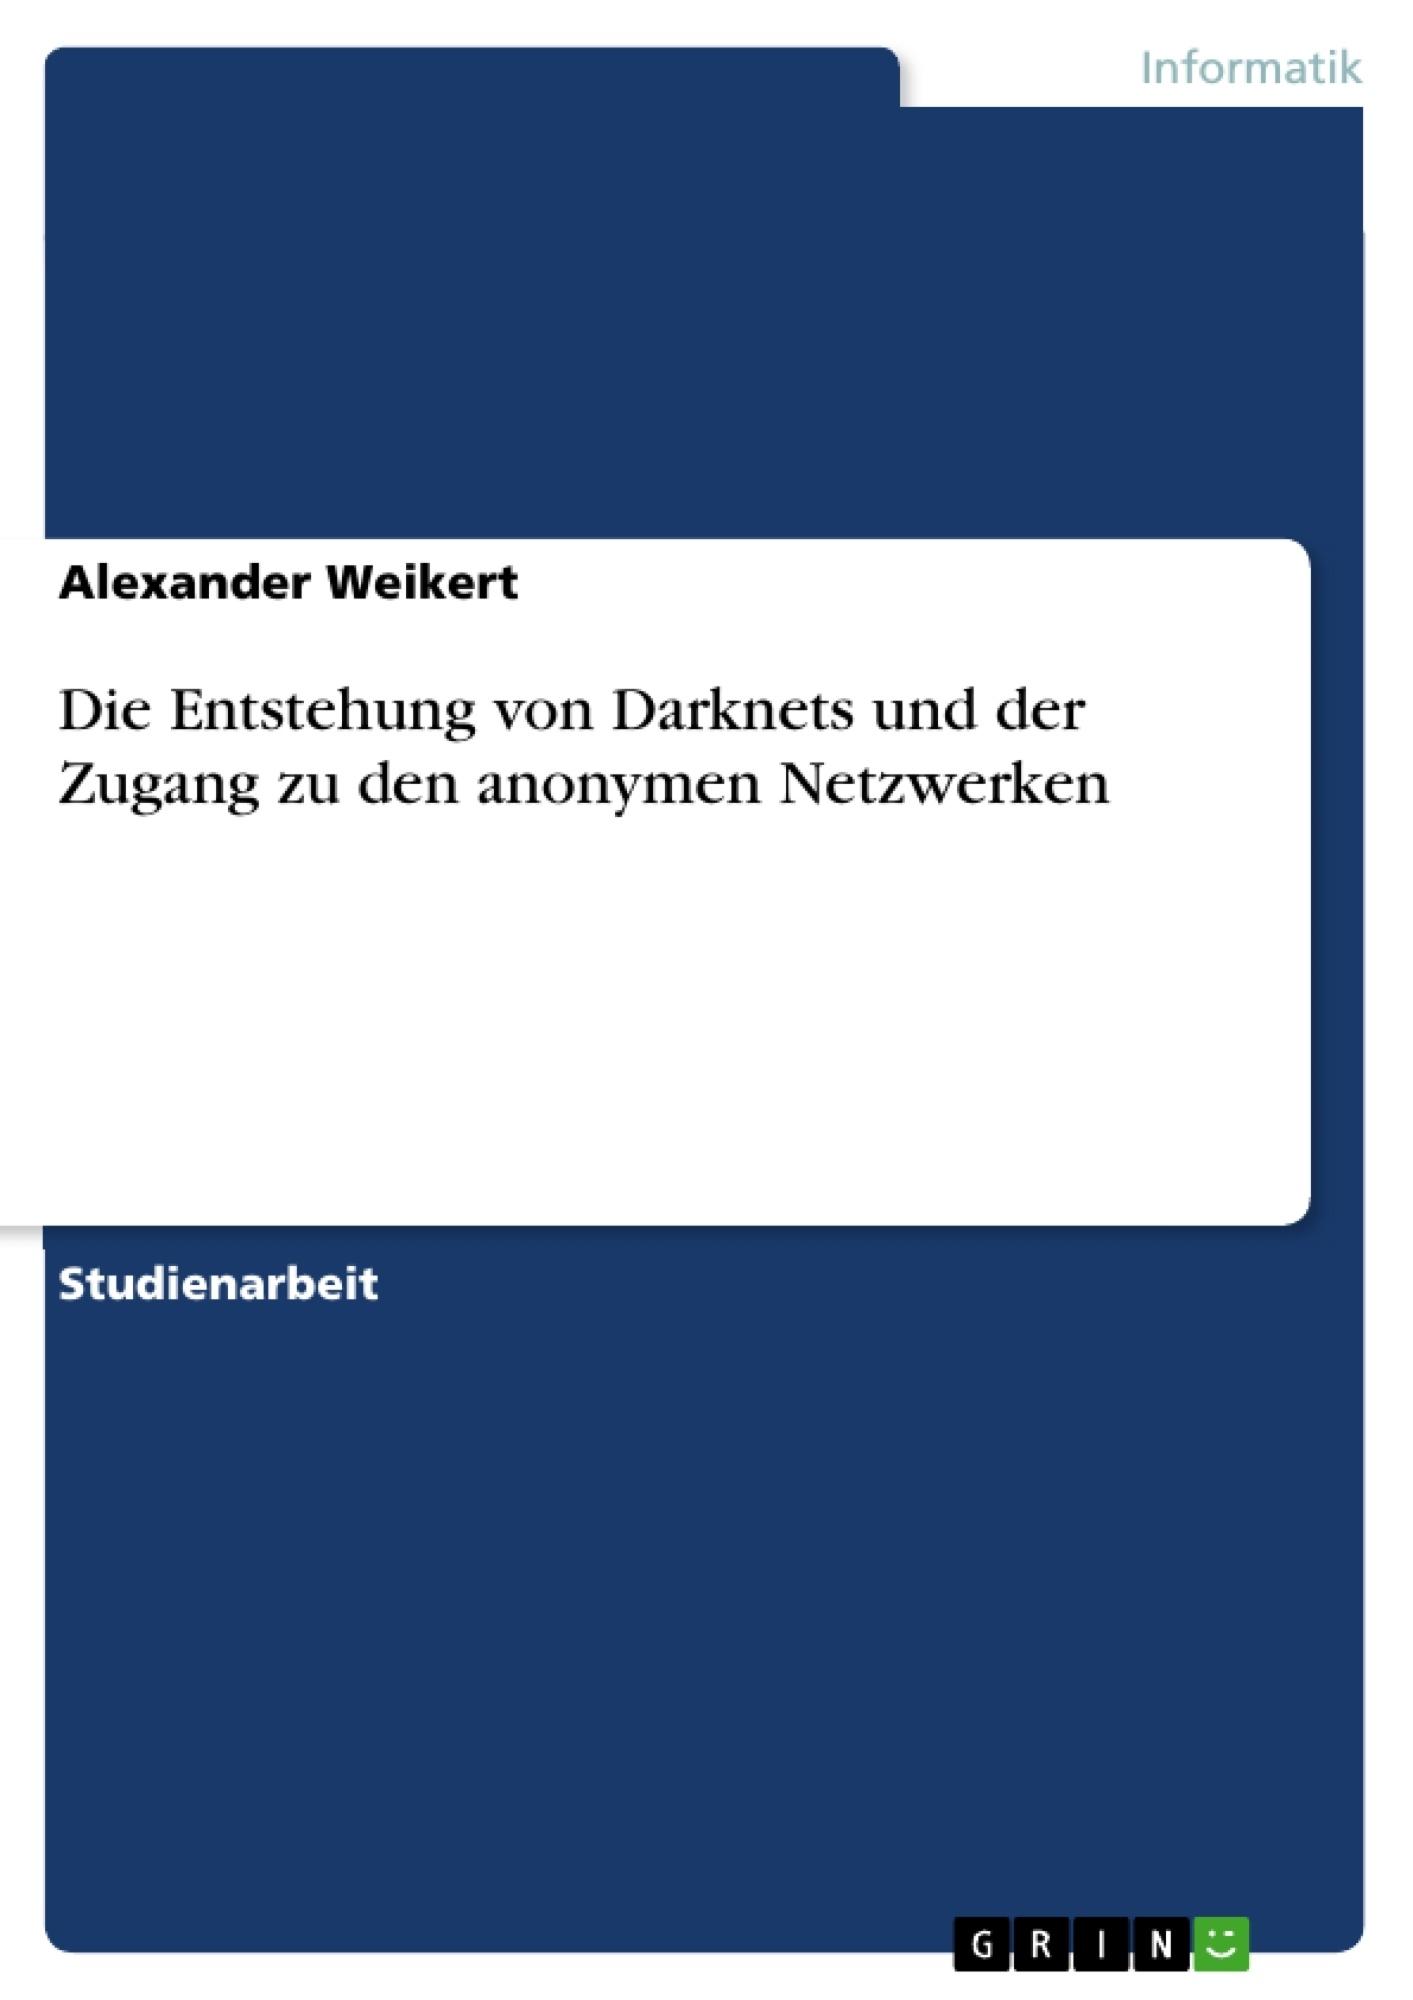 Titel: Die Entstehung von Darknets und der Zugang zu den anonymen Netzwerken